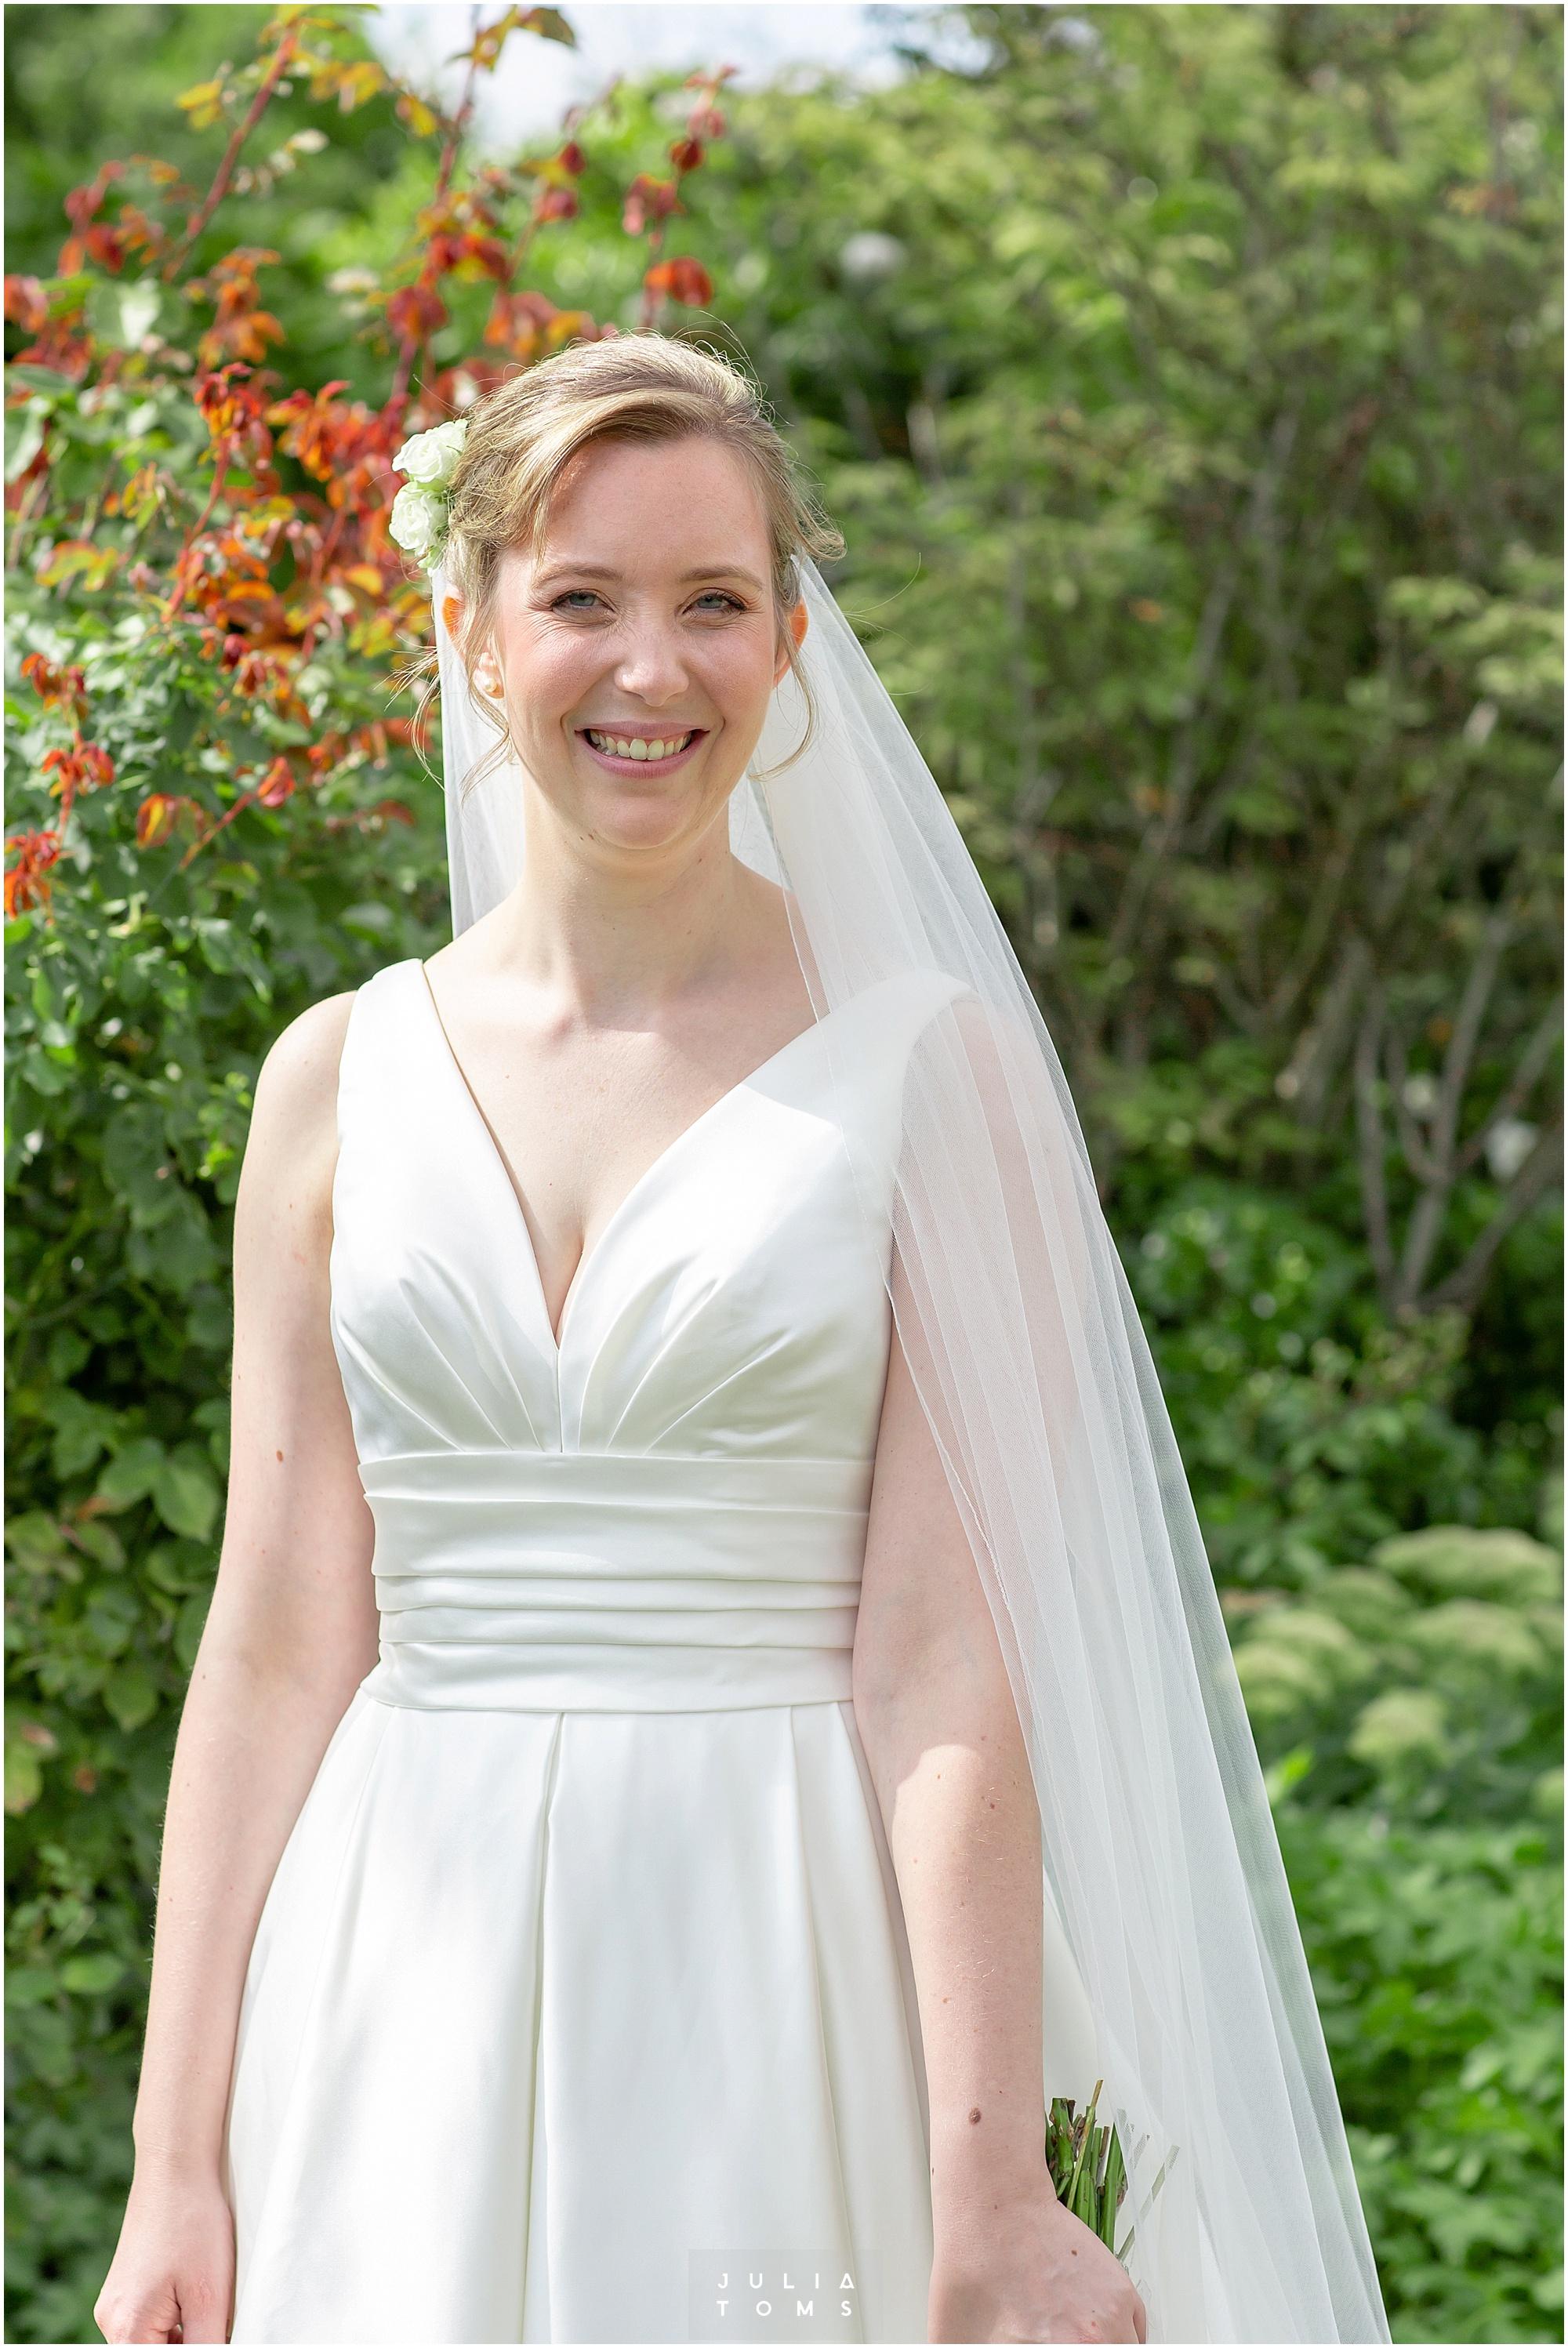 westsussex_wedding_photographer_westdean_073.jpg